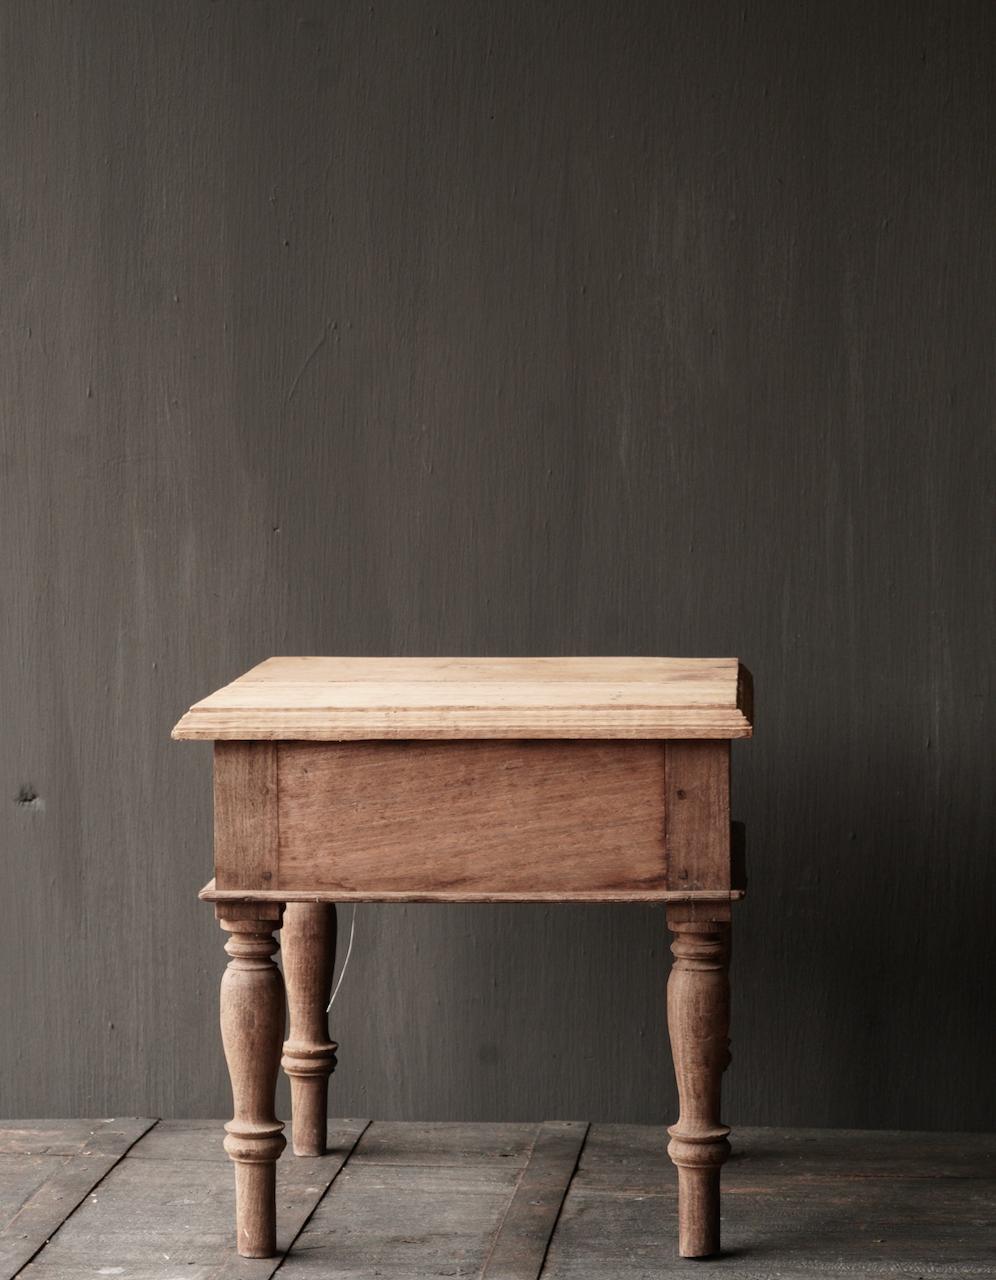 Einzigartiger alter authentischer Holzminitisch-4